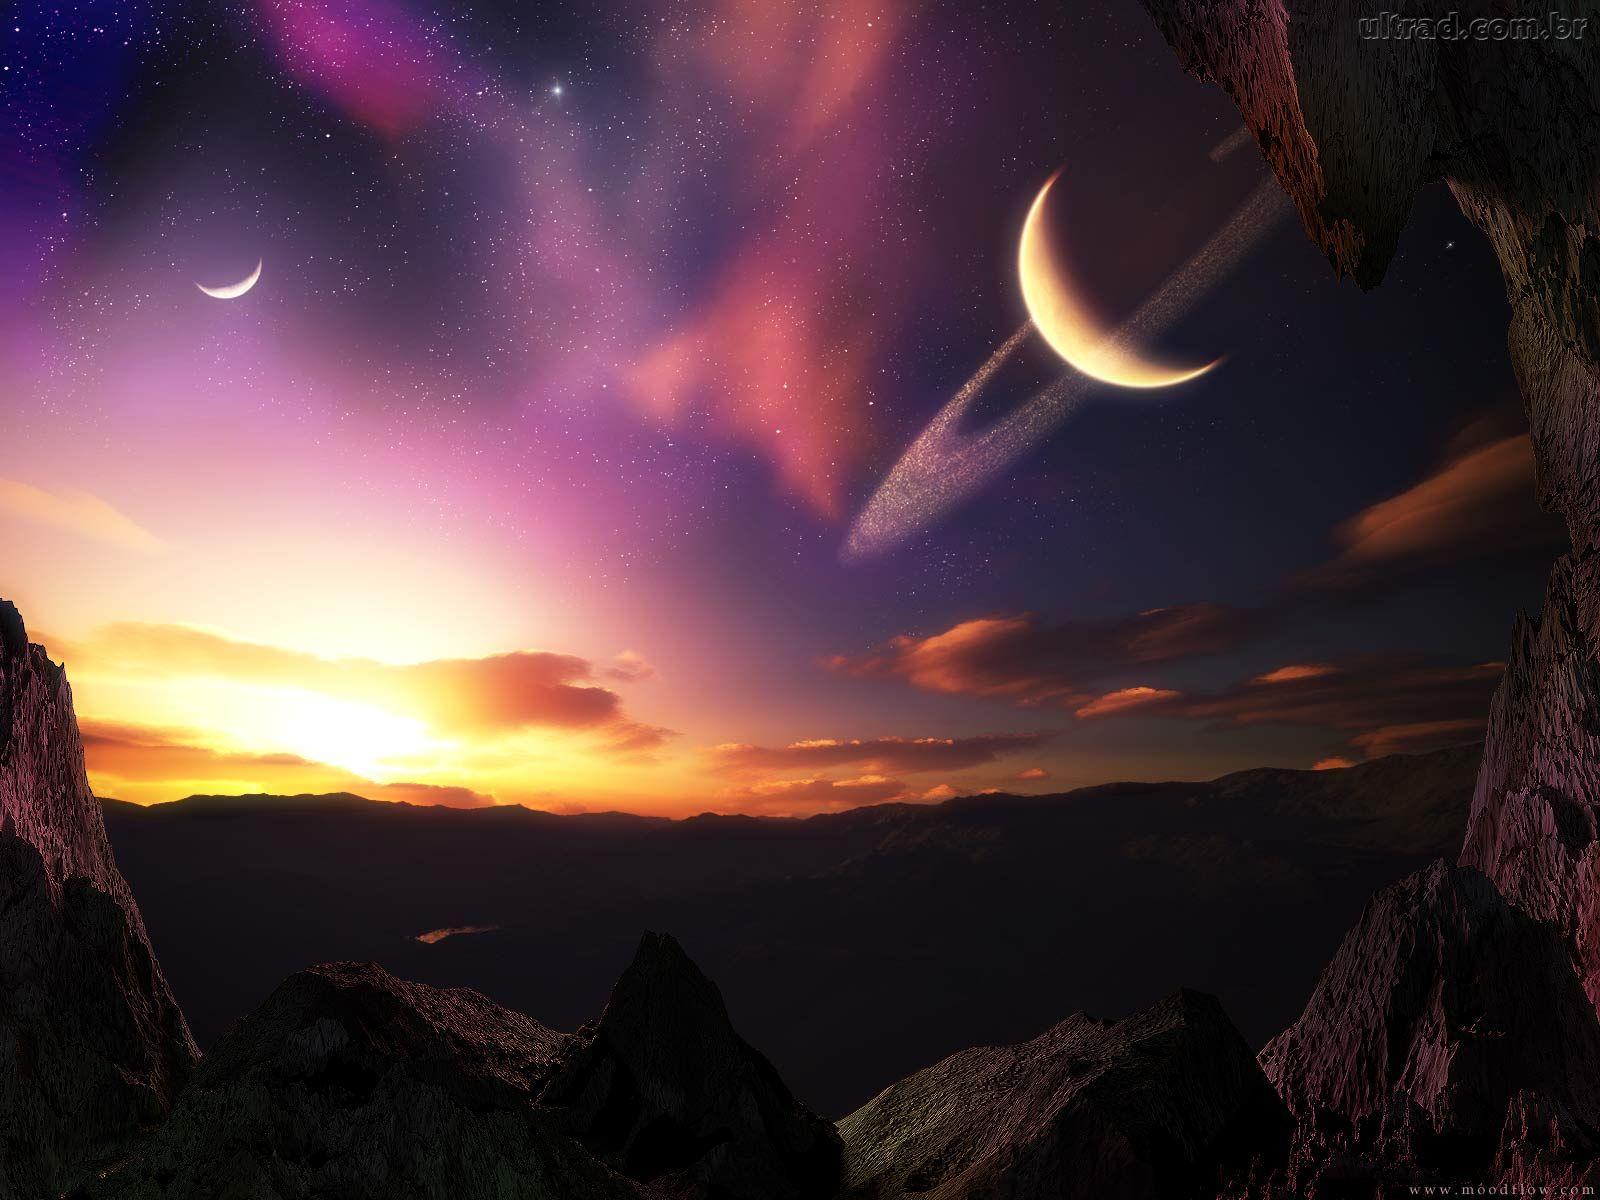 http://2.bp.blogspot.com/-OQhrsD6eF8w/UPQ-NIerH8I/AAAAAAAADKo/jzhTSabucYw/s1600/105450_Papel-de-Parede-Aurora-boreal--105450_1600x1200.jpg